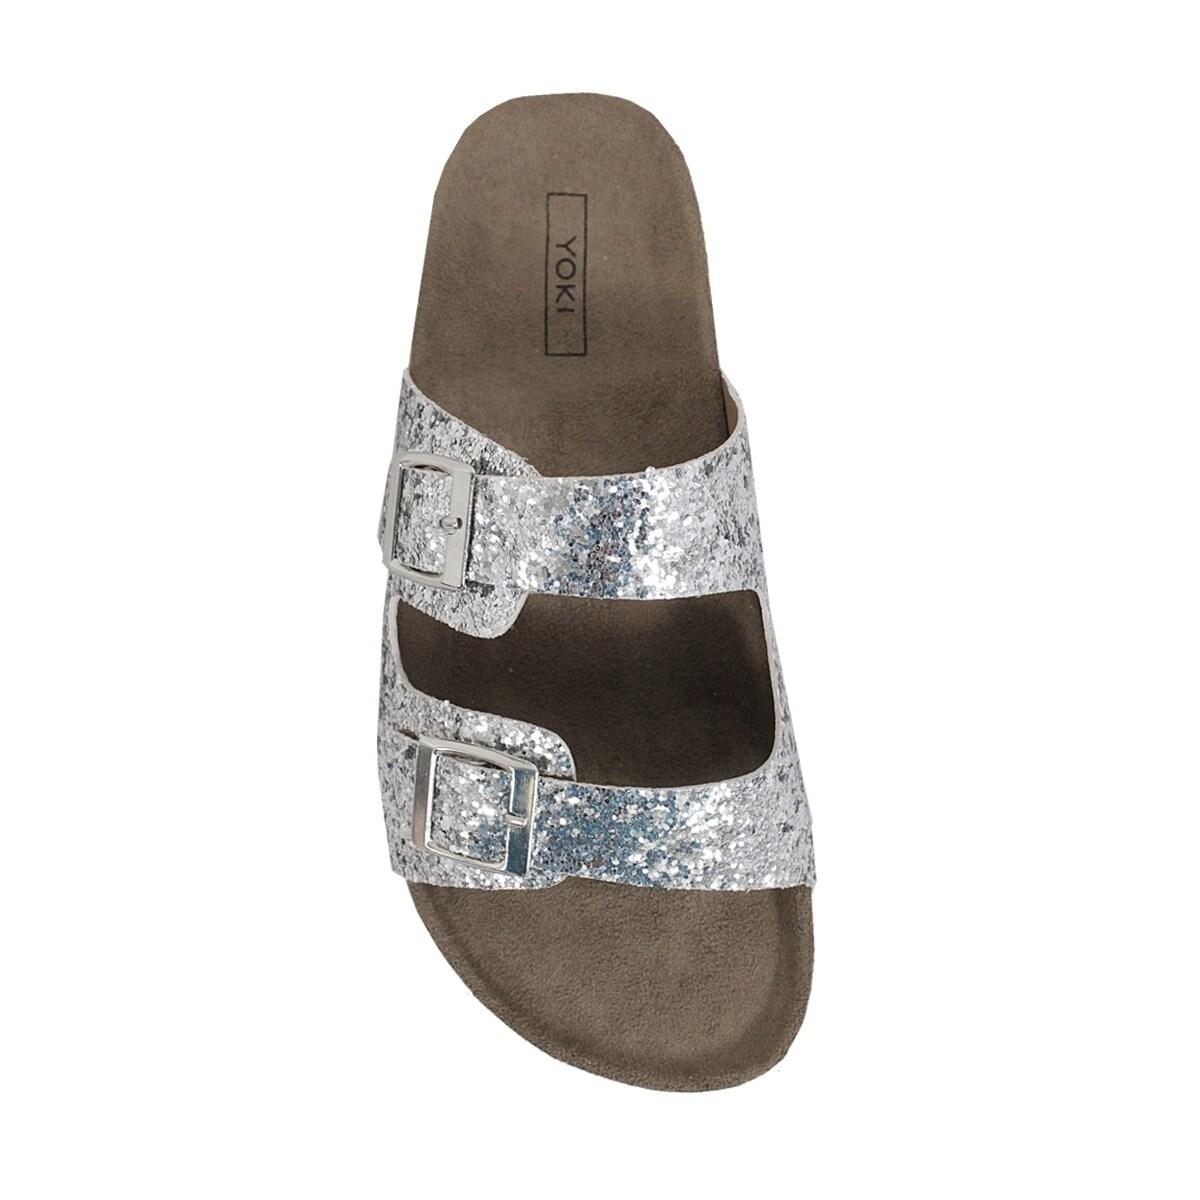 c3056cef7286 Shop YOKI-GIAN-94 women s glittery slip on sandal - Free Shipping On Orders  Over  45 - Overstock - 21024250